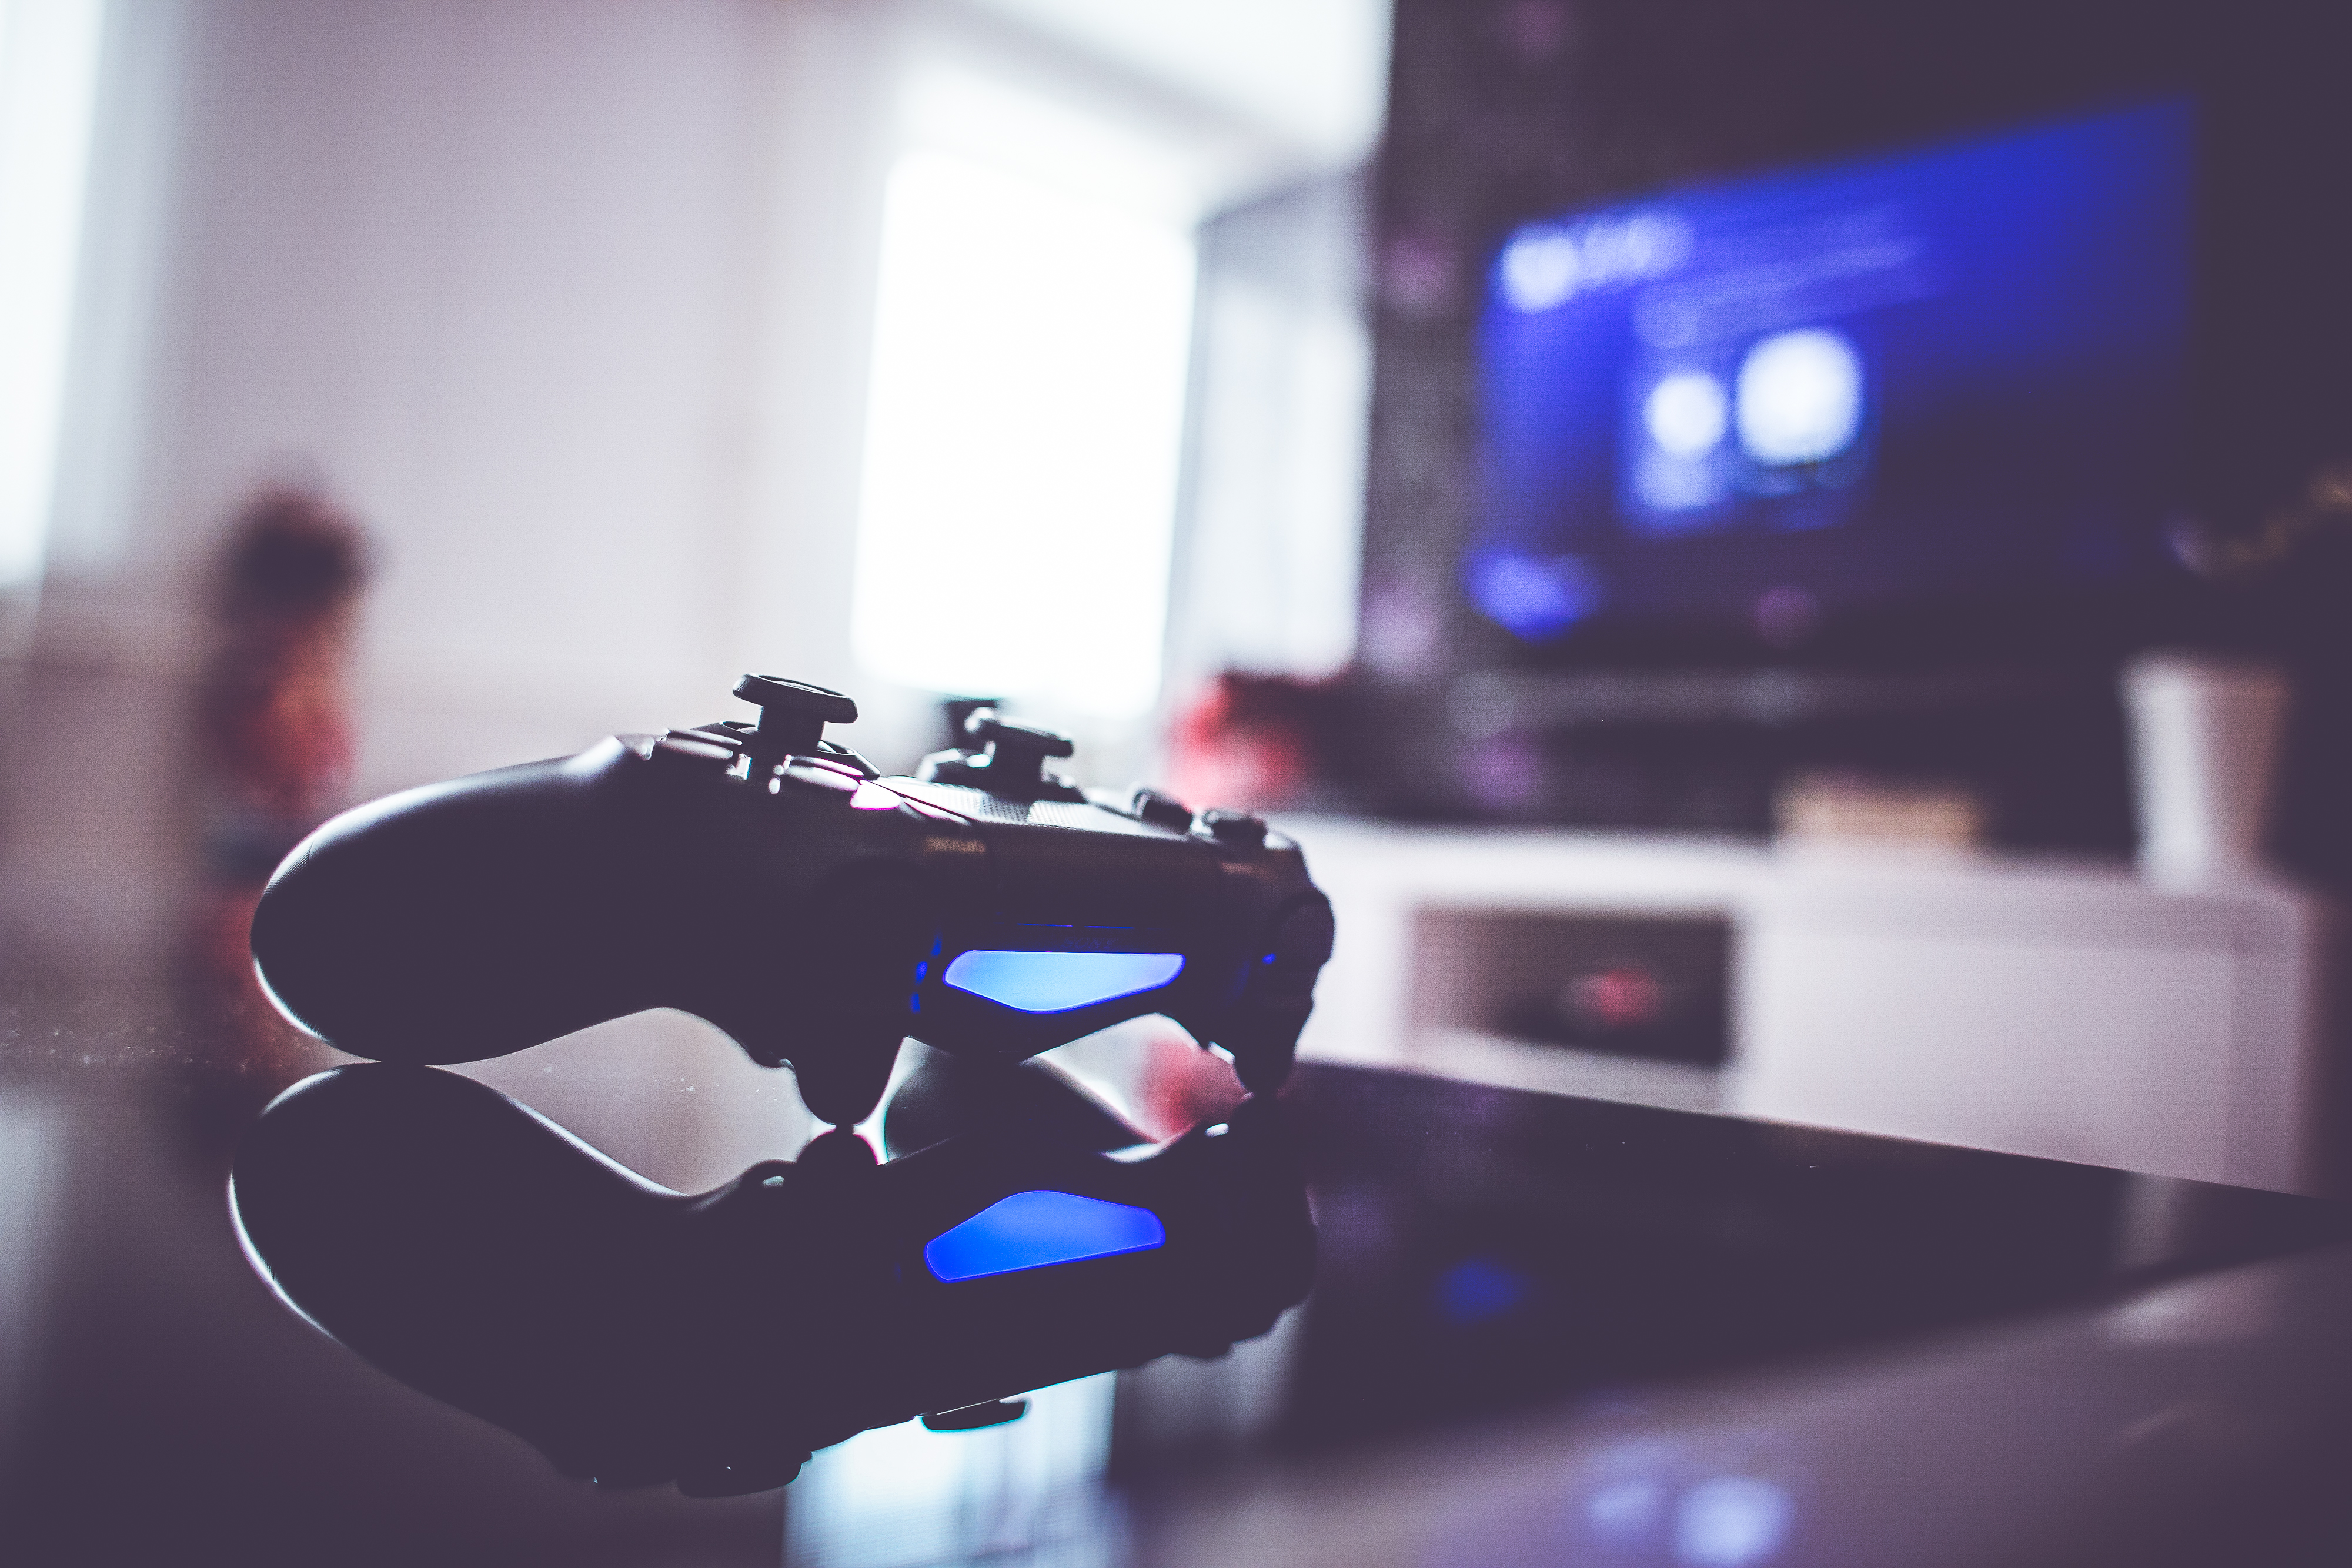 Wstępny etap kreacji gier komputerowych. Koncepcje, idee, zarysy, plany gier komputerowych i ich ochrona